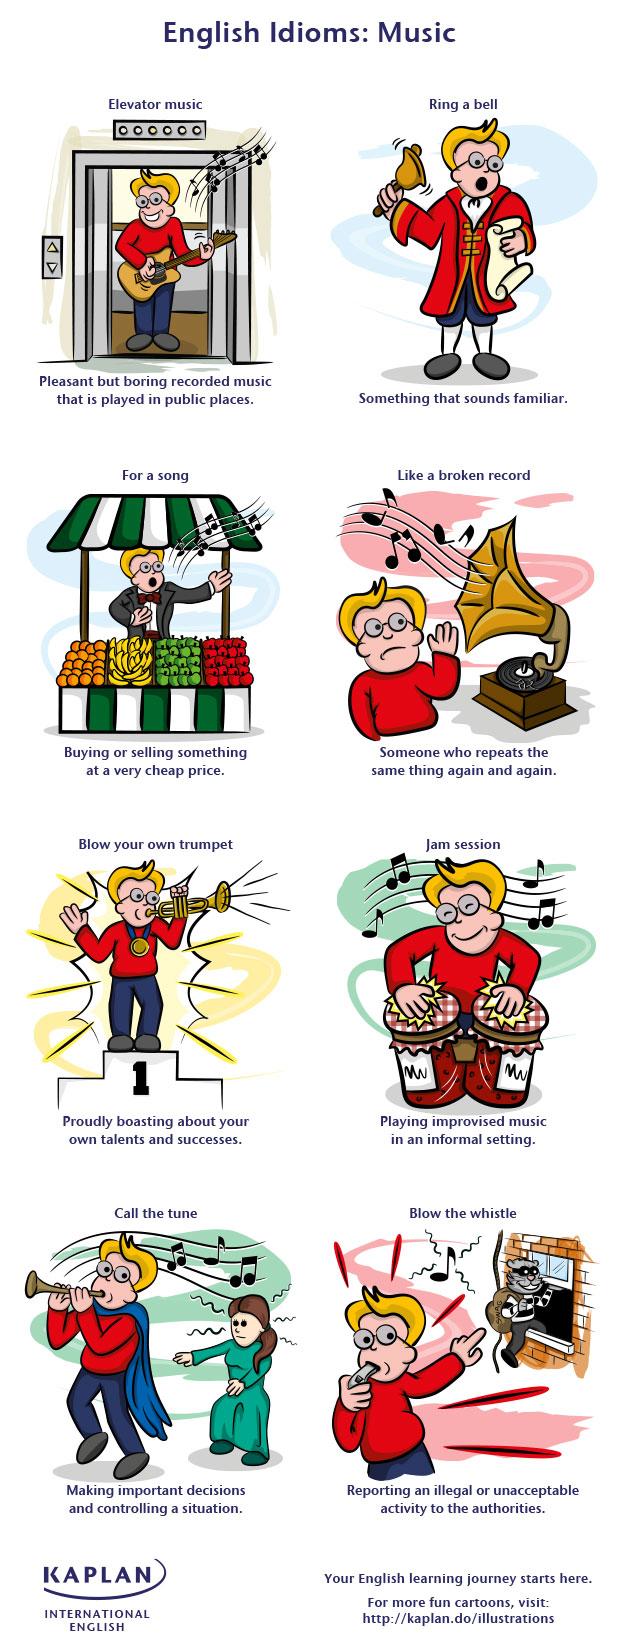 иллюстрация различный идиом в английском языке на тему музыки